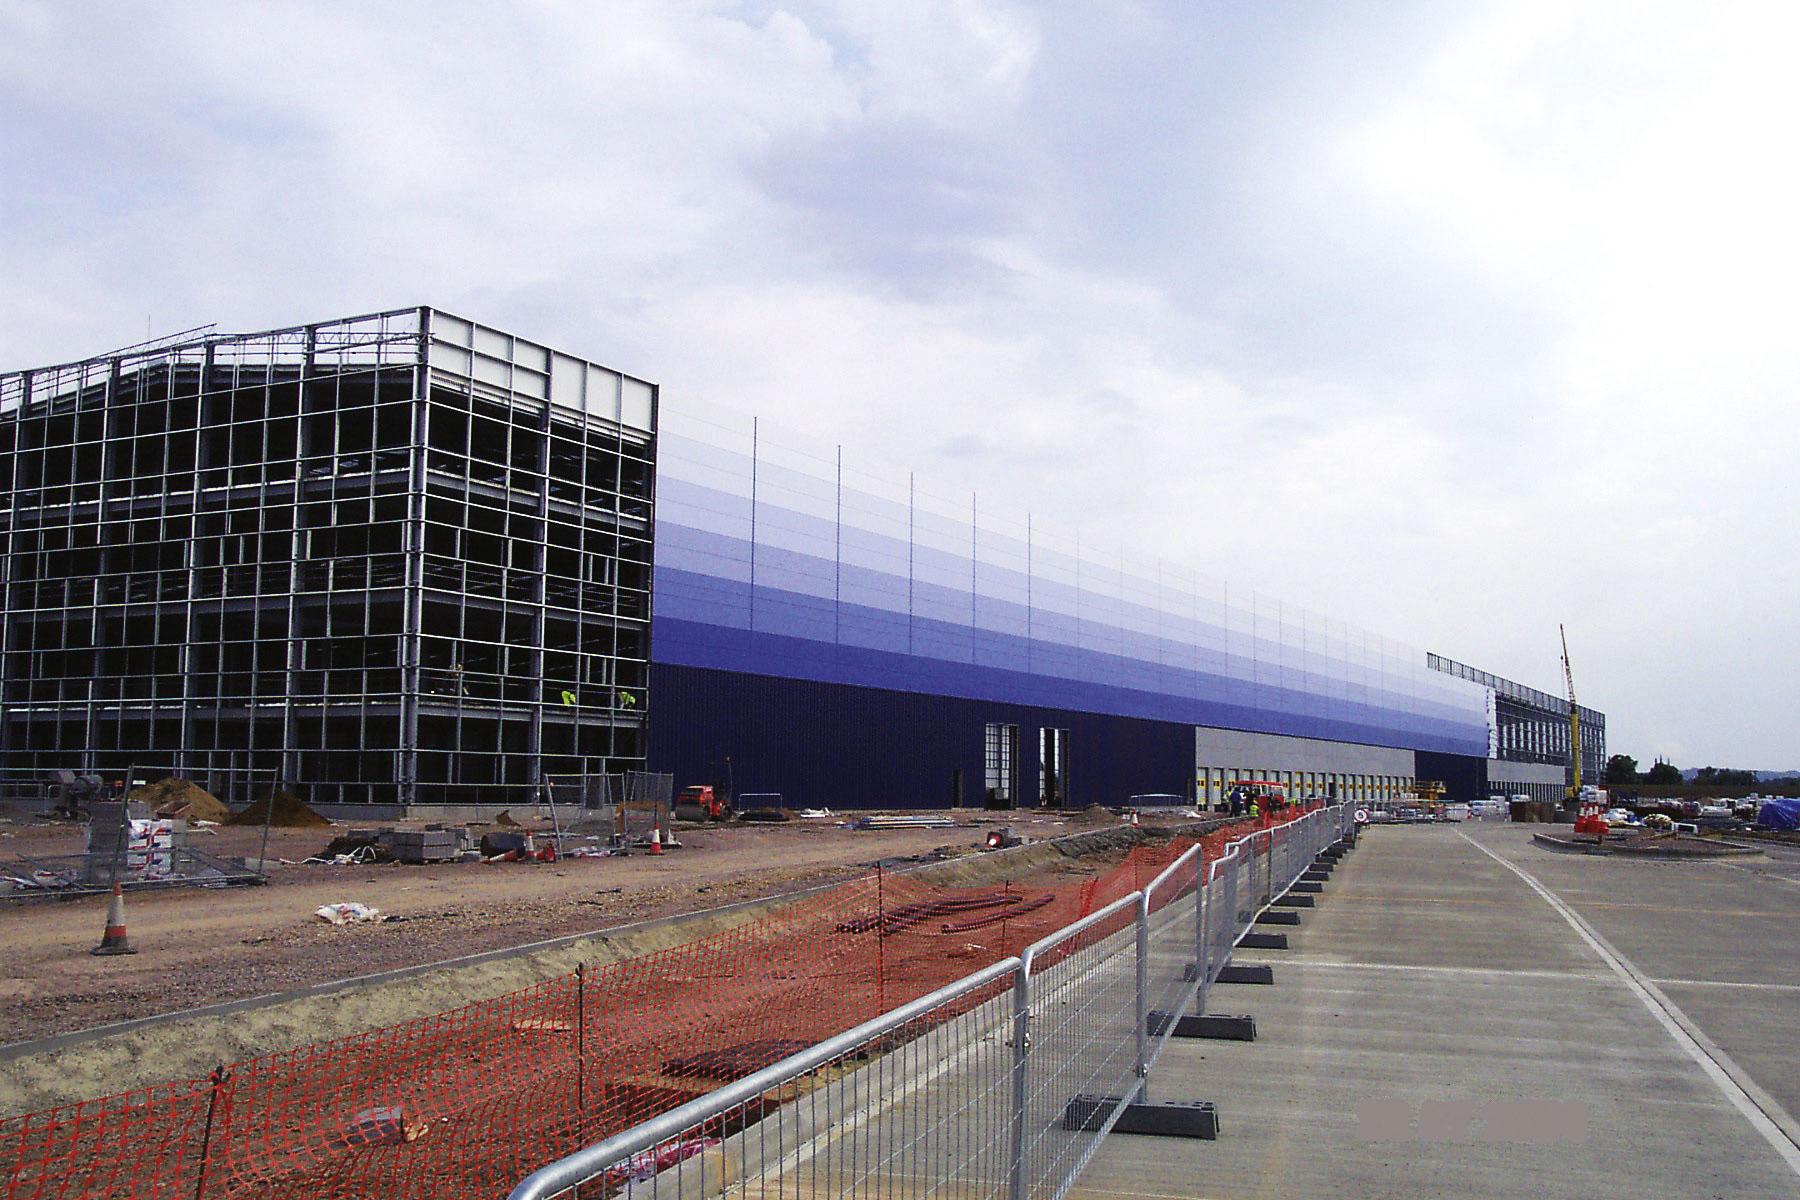 Logistics centre rises rapidly